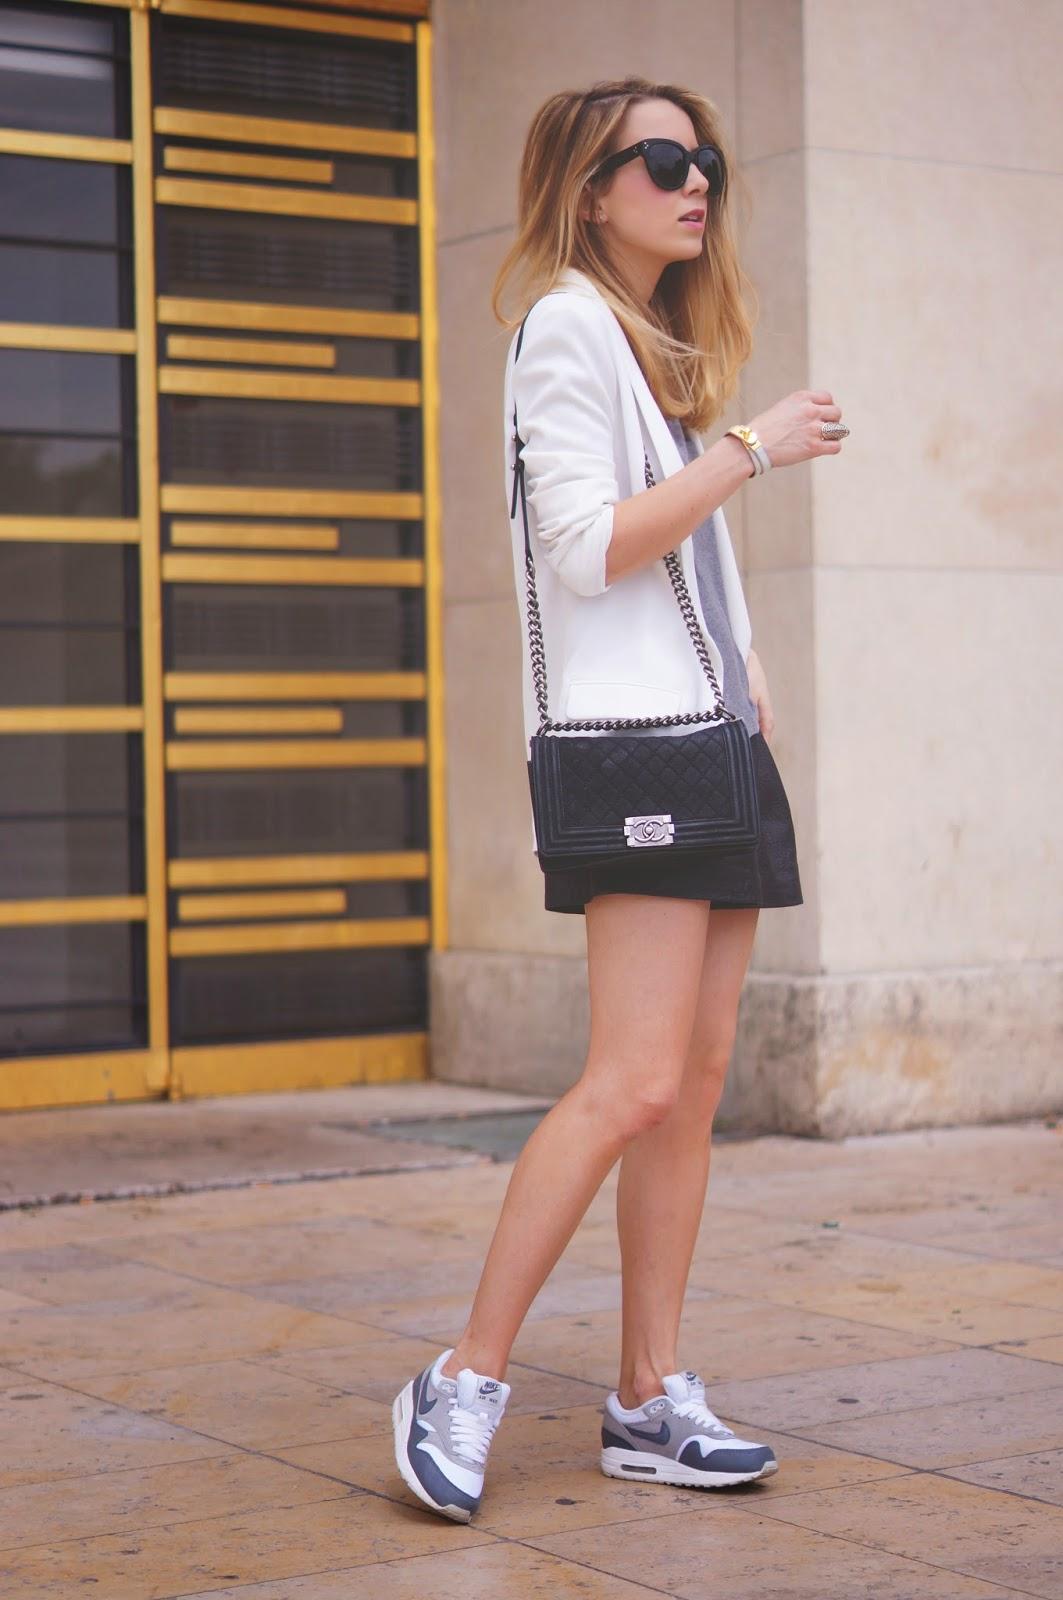 streetstyle, fashion blogger, nike, isabel marant, chanel